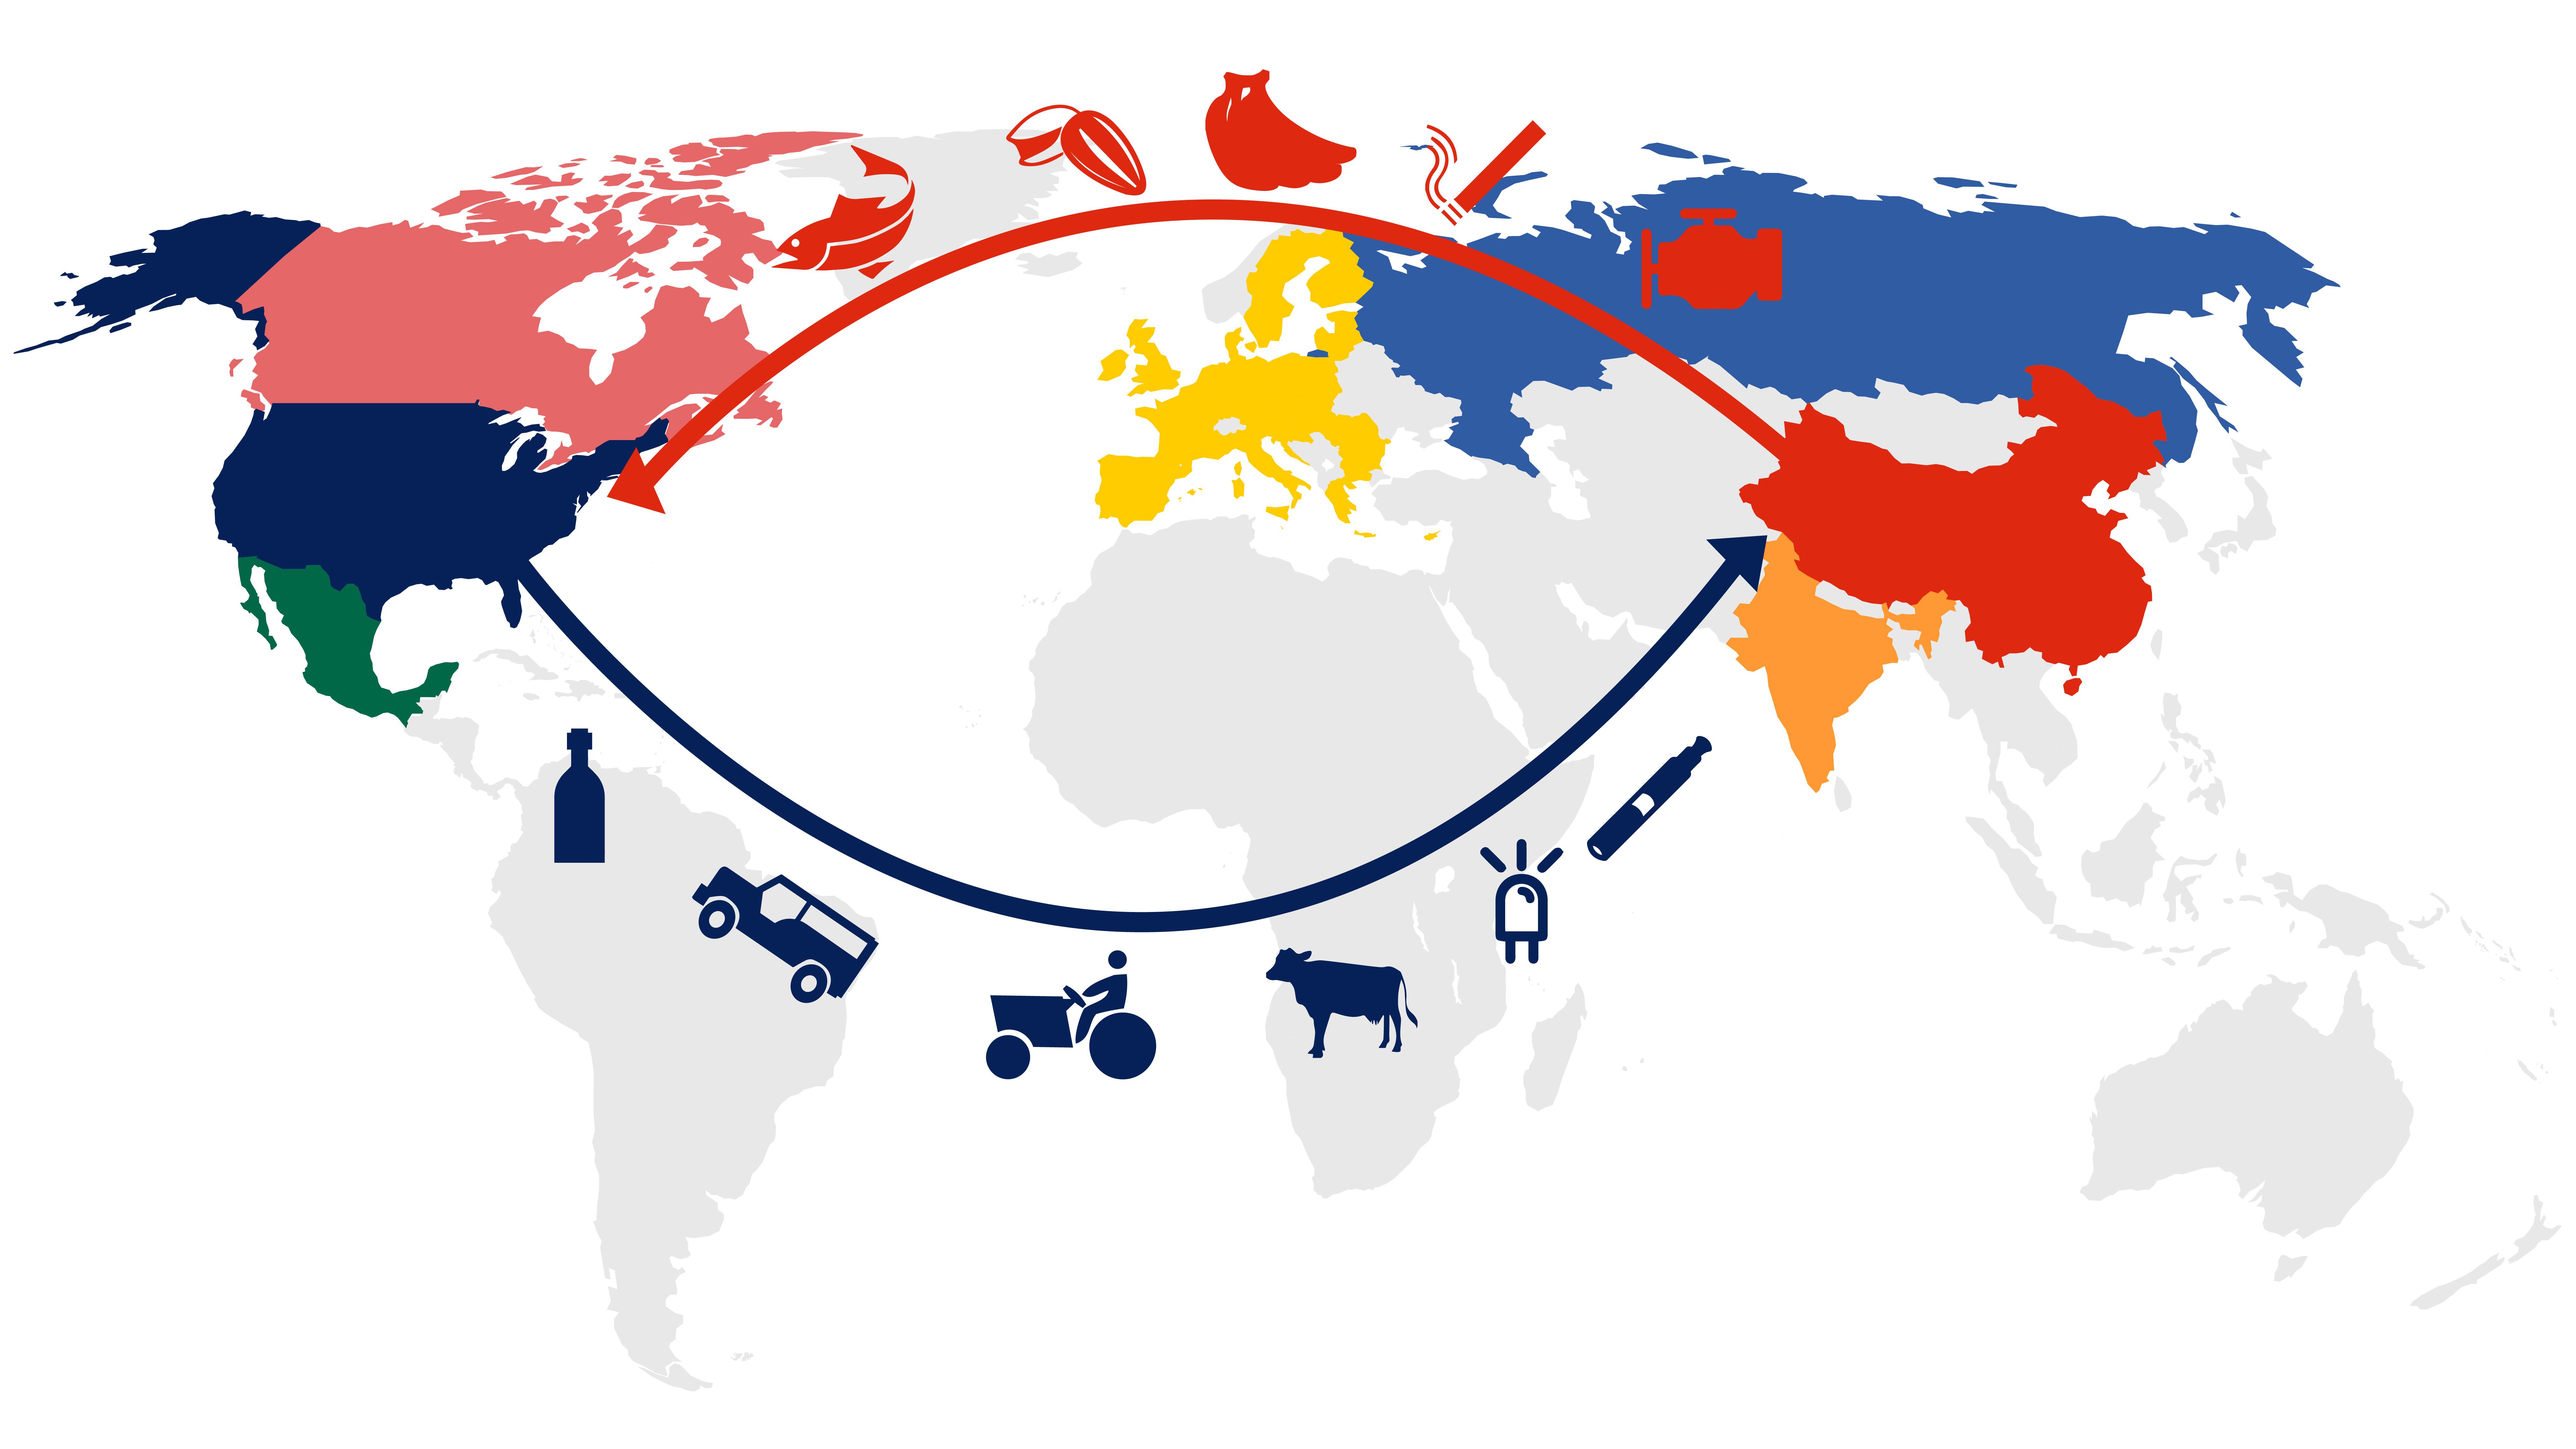 En 2018, EEUU exportó bienes por 120.000 millones de dólares las China. El gigante asiático exportó en cambio 540.000 millones a la primera economía global (Infografía de Tomás Orihuela)